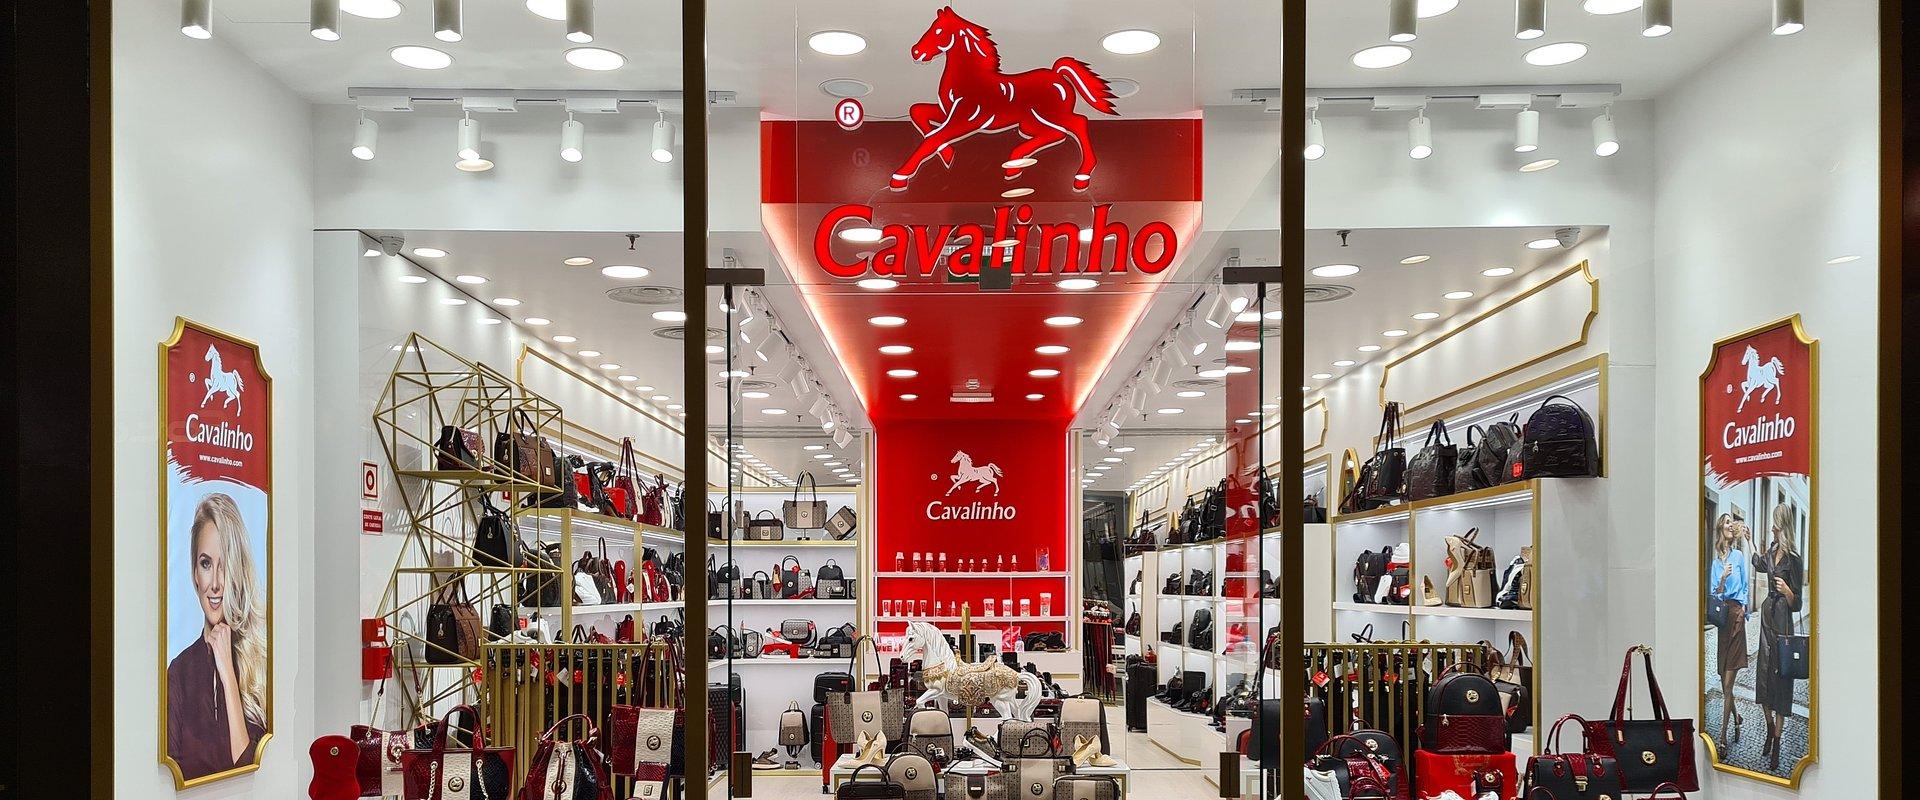 Cavalinho abre loja no MadeiraShopping